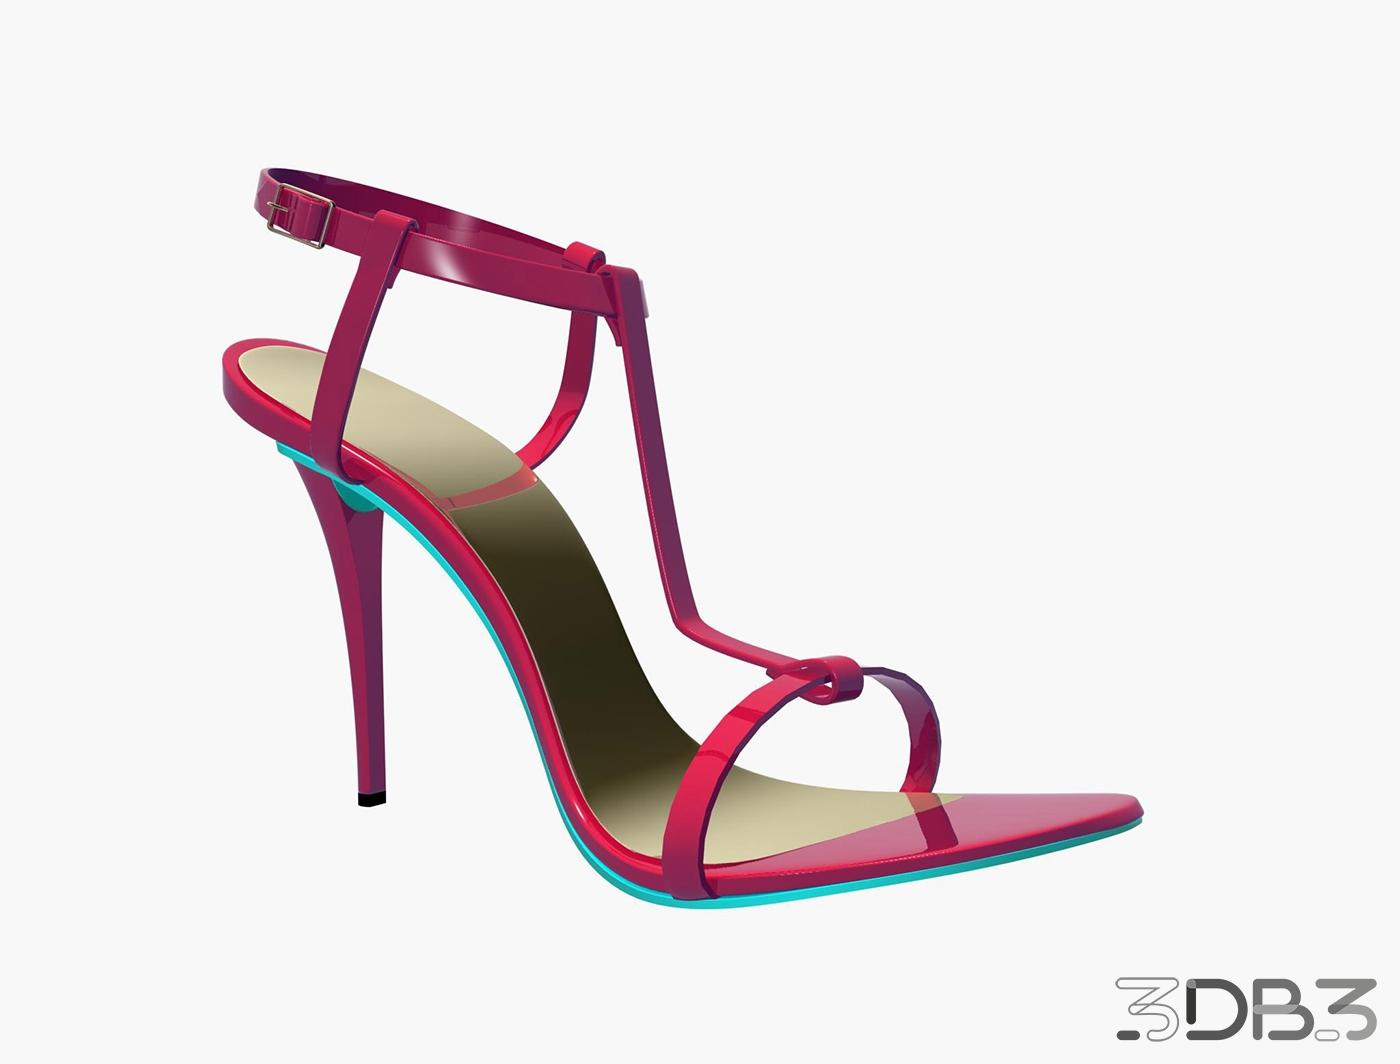 3D Women Shoe Model - 3db3 com - Free 3D Model Download